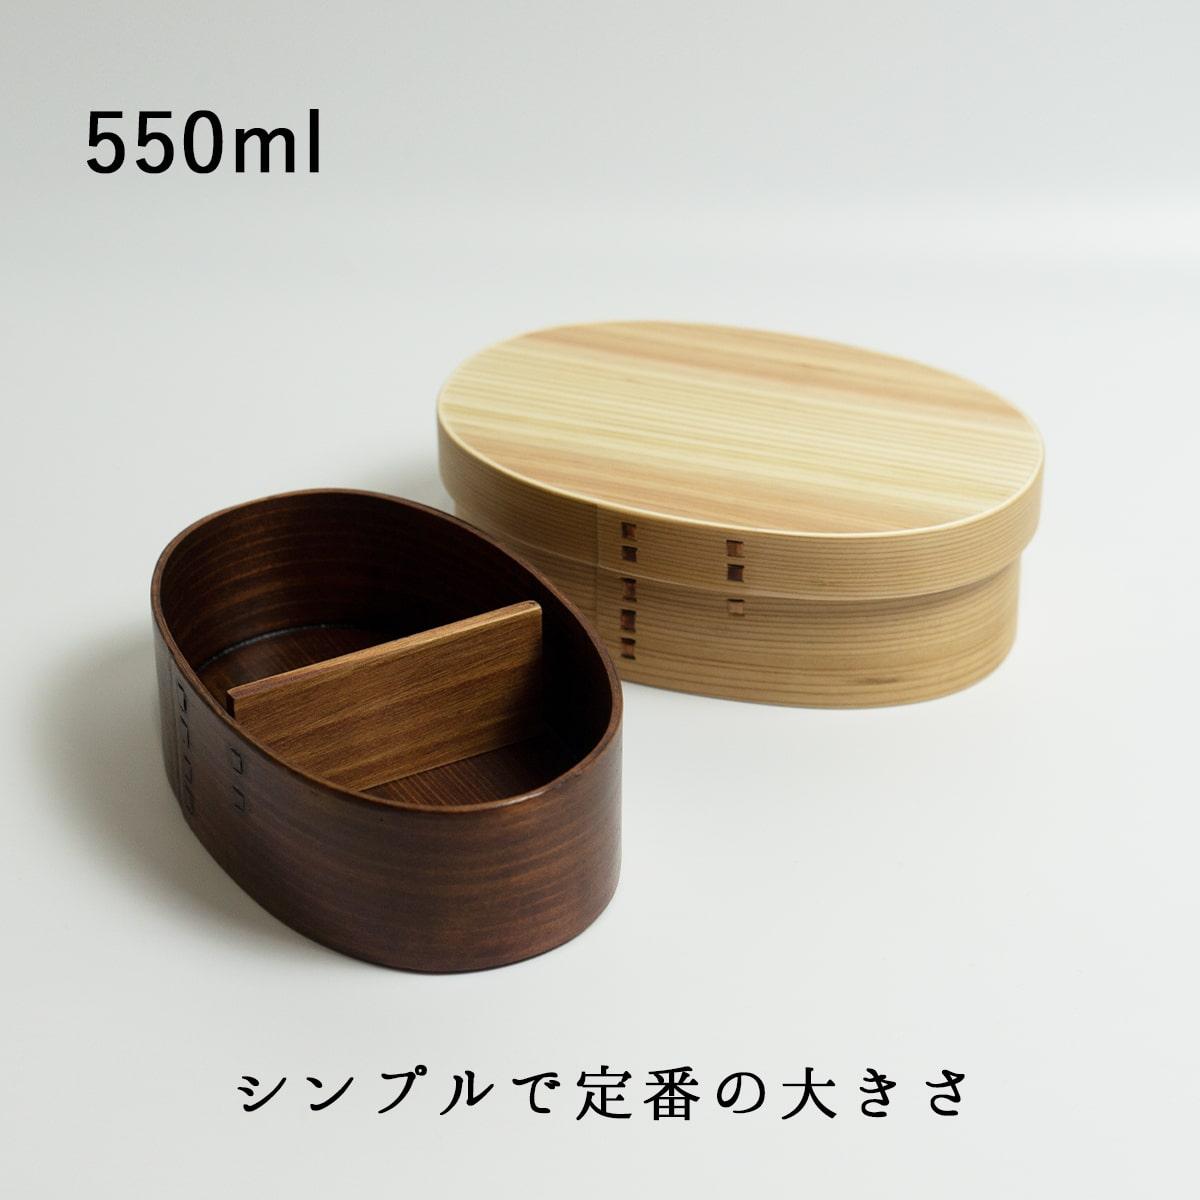 うるしギャラリー久右衛門(urushi gallery kyuuemon) お試し曲げわっぱ 弁当箱 一段 700mlの商品画像7